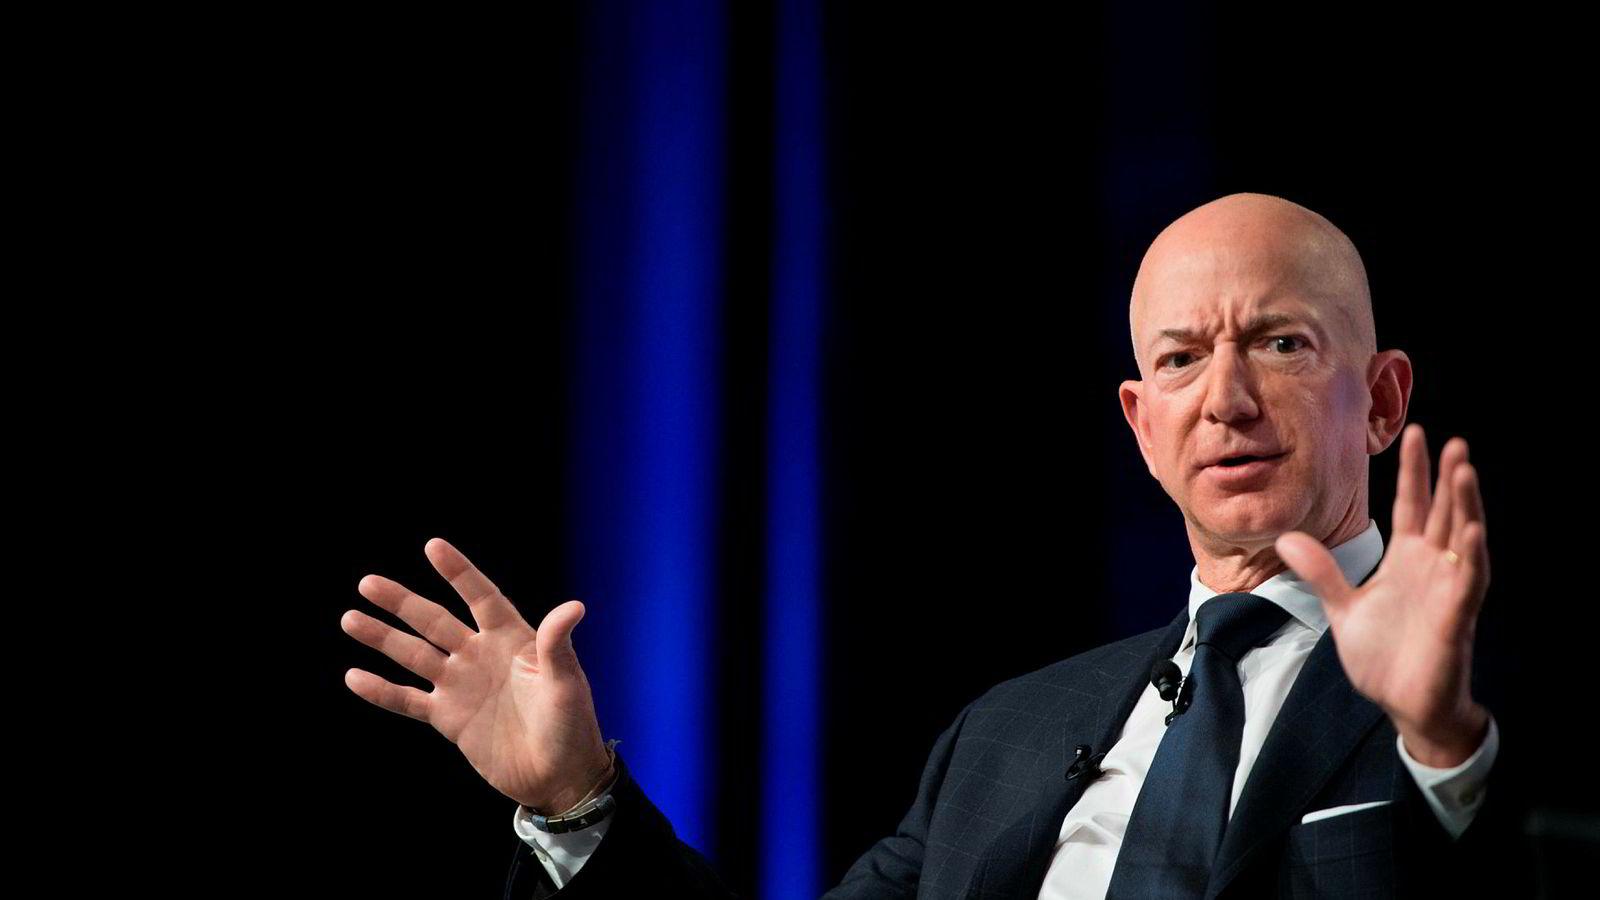 Amazons grunnlegger og toppsjef er blitt presset av tabloidtidsskriftet National Enquirer og utgiverselskapet. Tidsskriftet har truet med å publisere nakenbilder som han sendte til kjæresten hvis han ikke samarbeider.